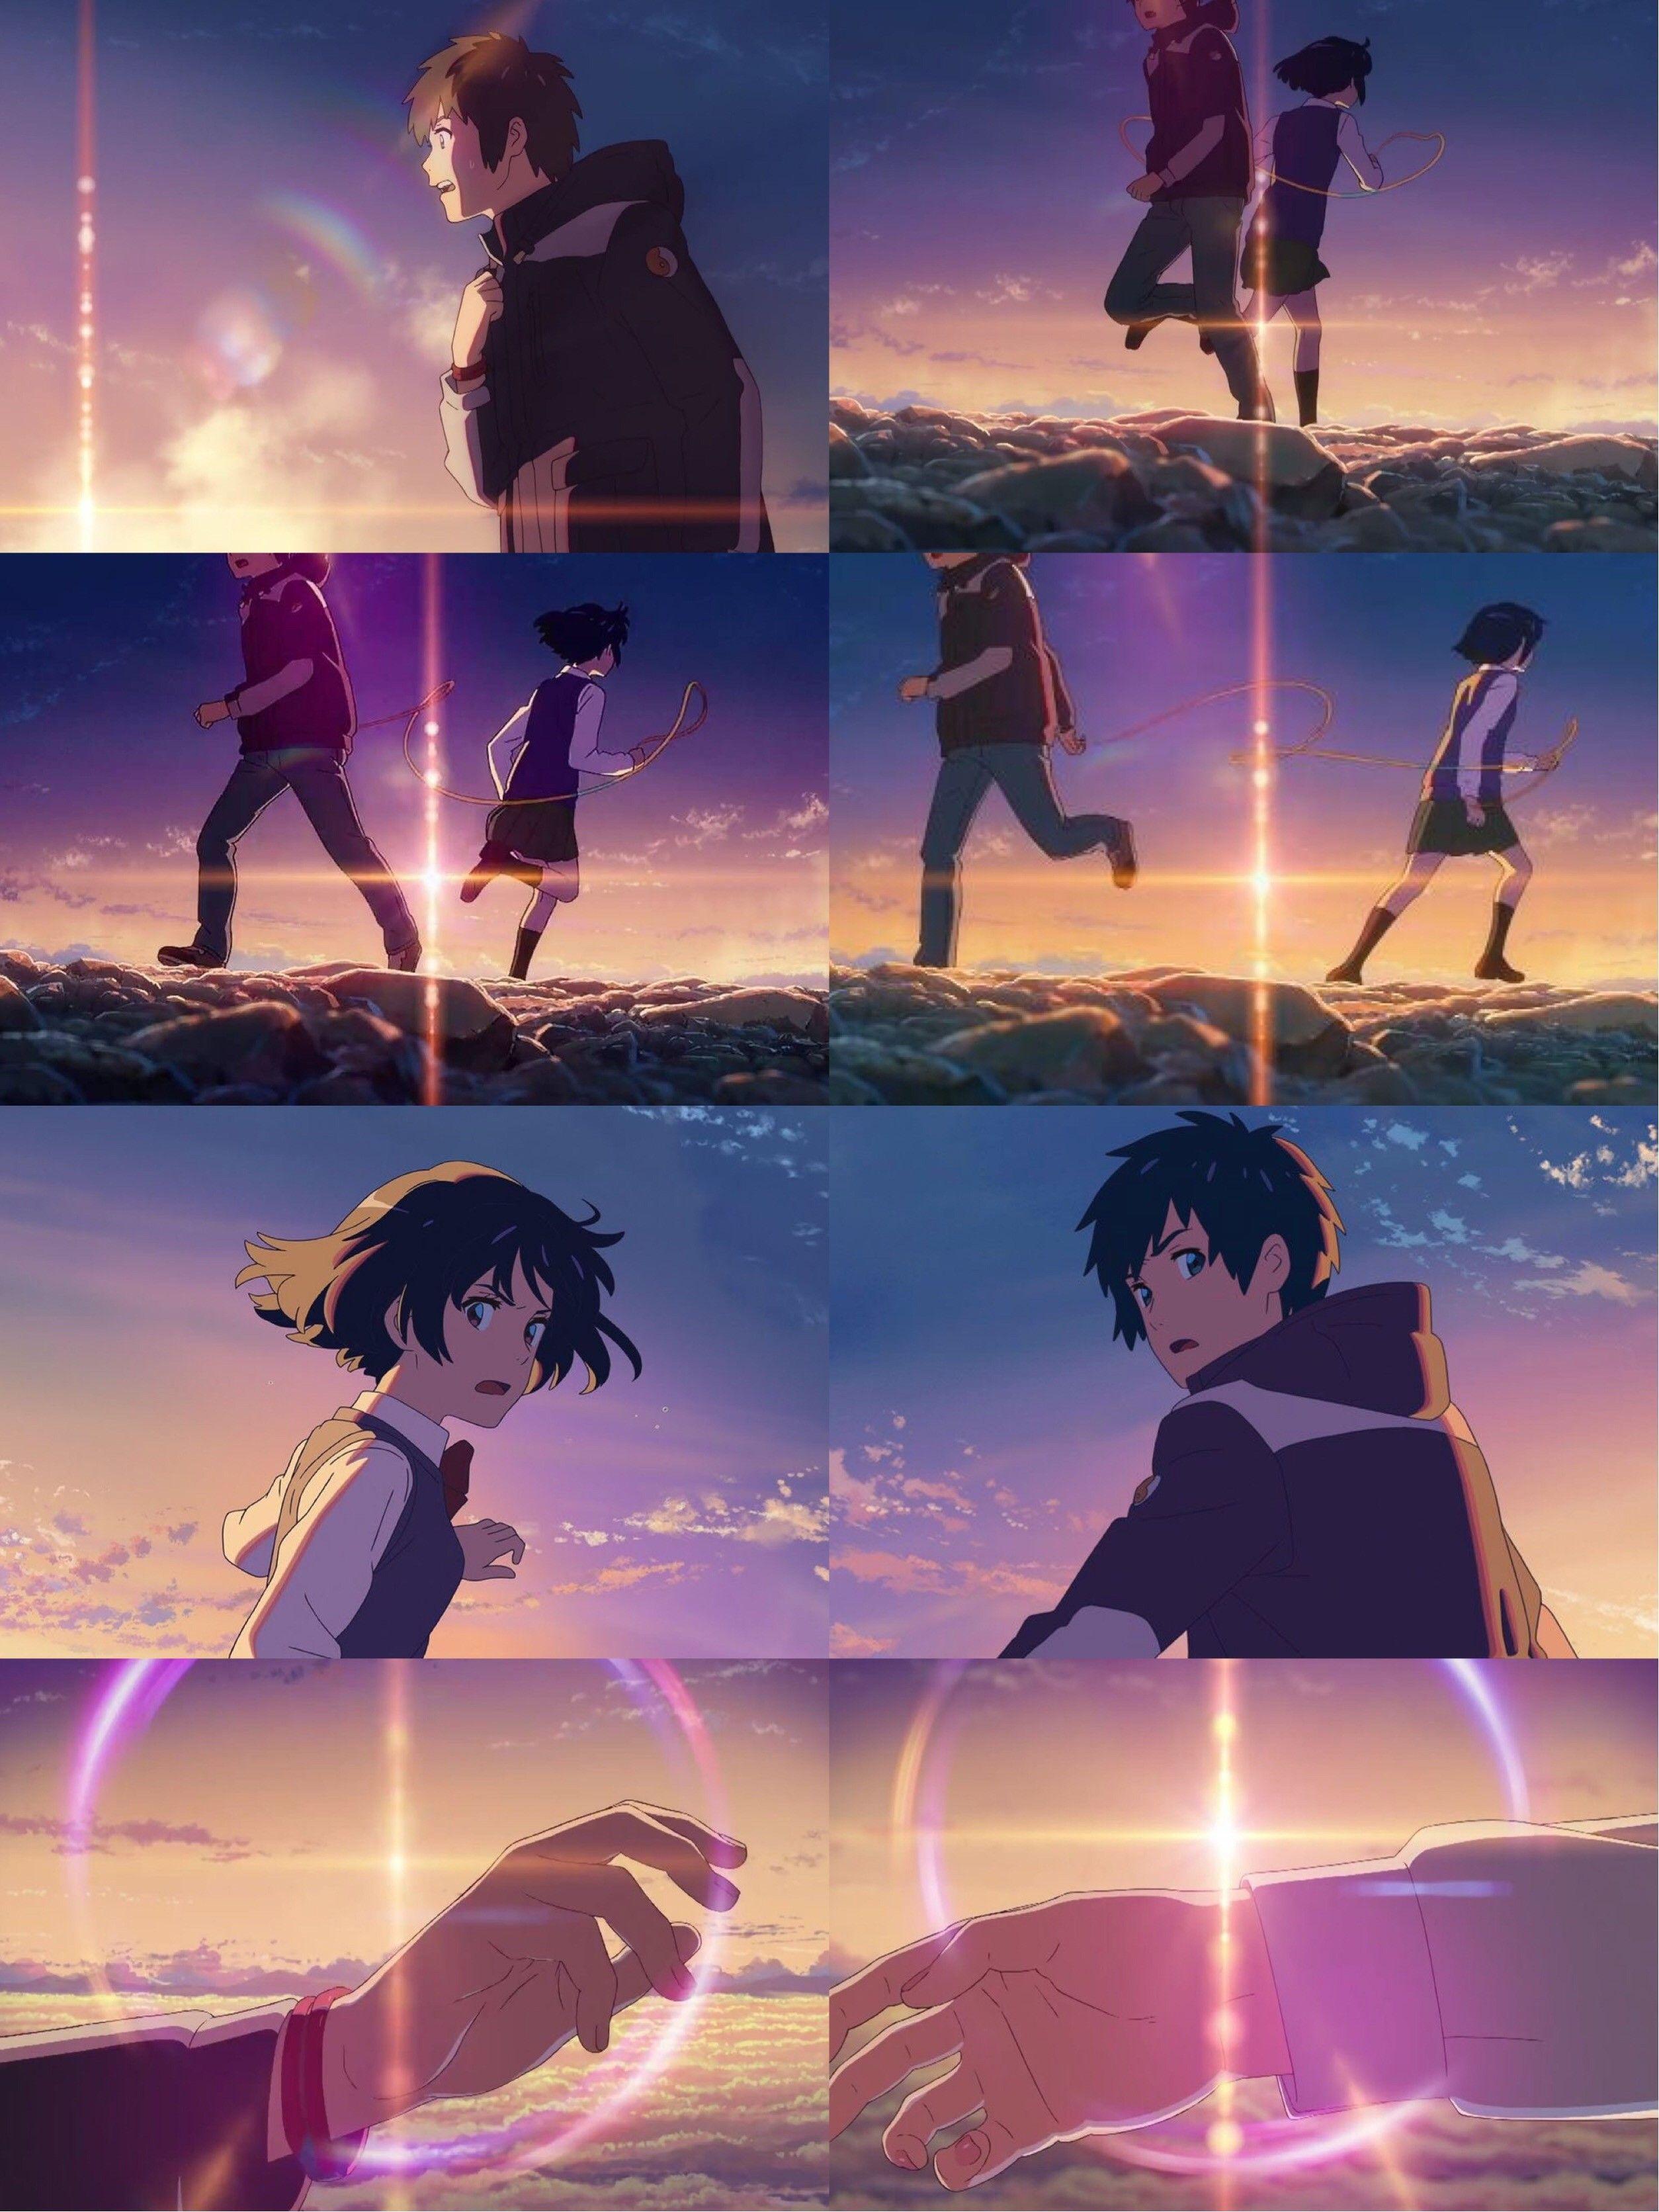 Kimi No Na Wa Your Name Anime Kimi No Na Wa Mitsuha And Taki